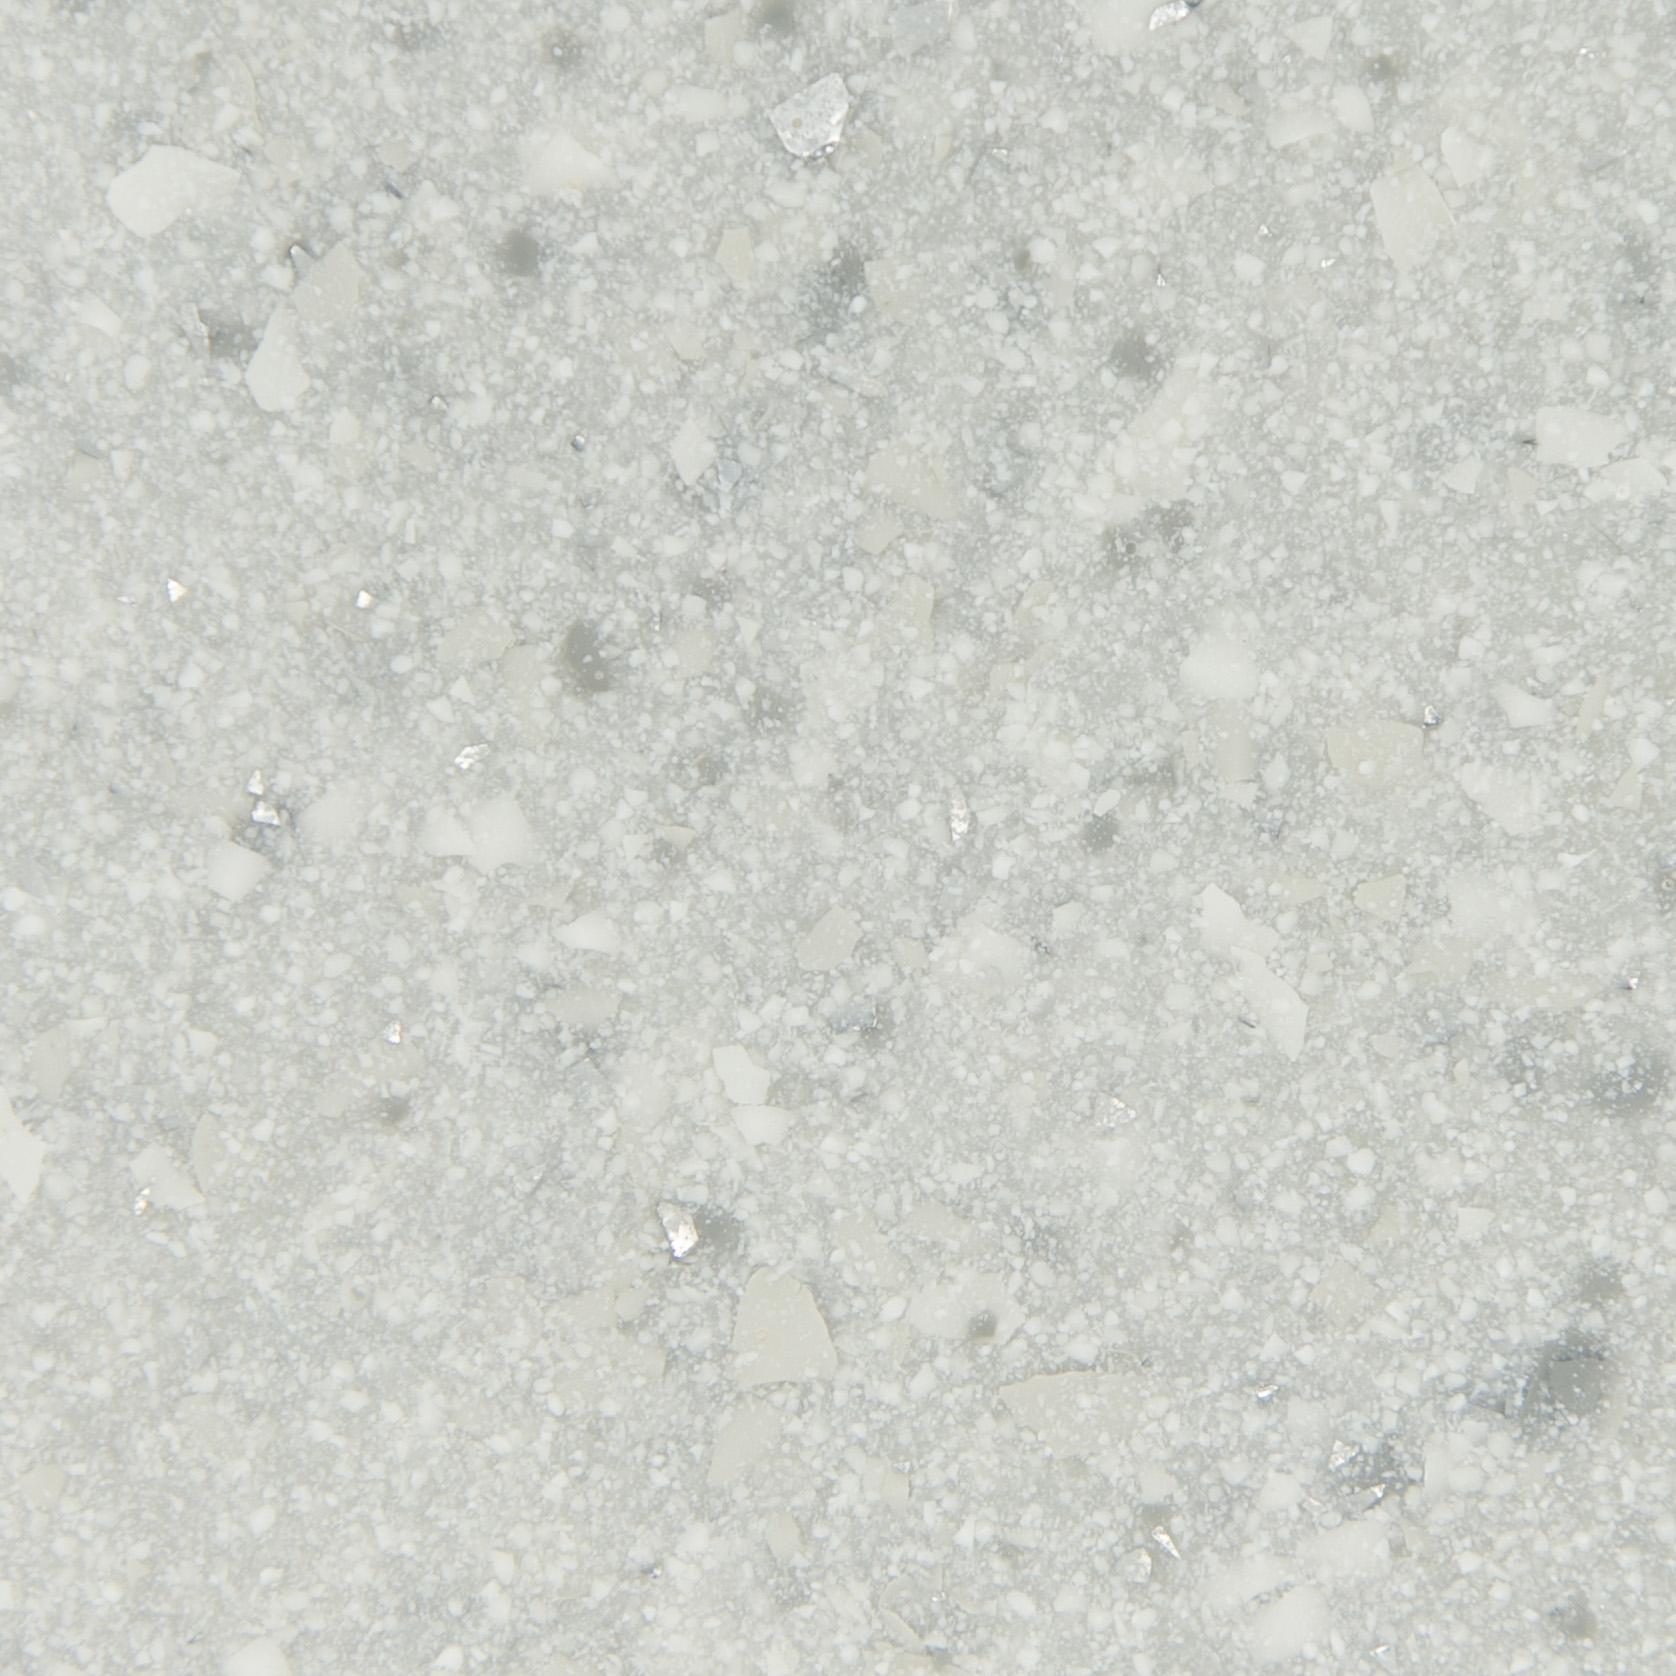 Pearl Granite